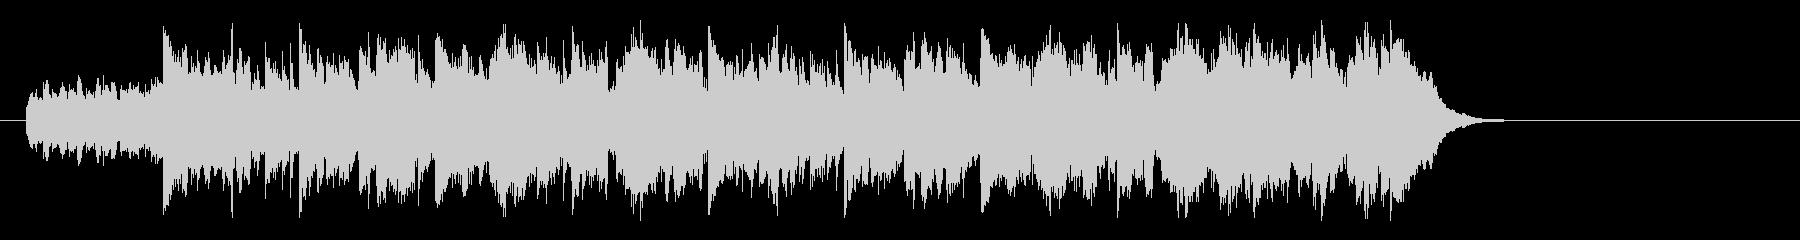 優しいアコースティック(イントロ~A)の未再生の波形